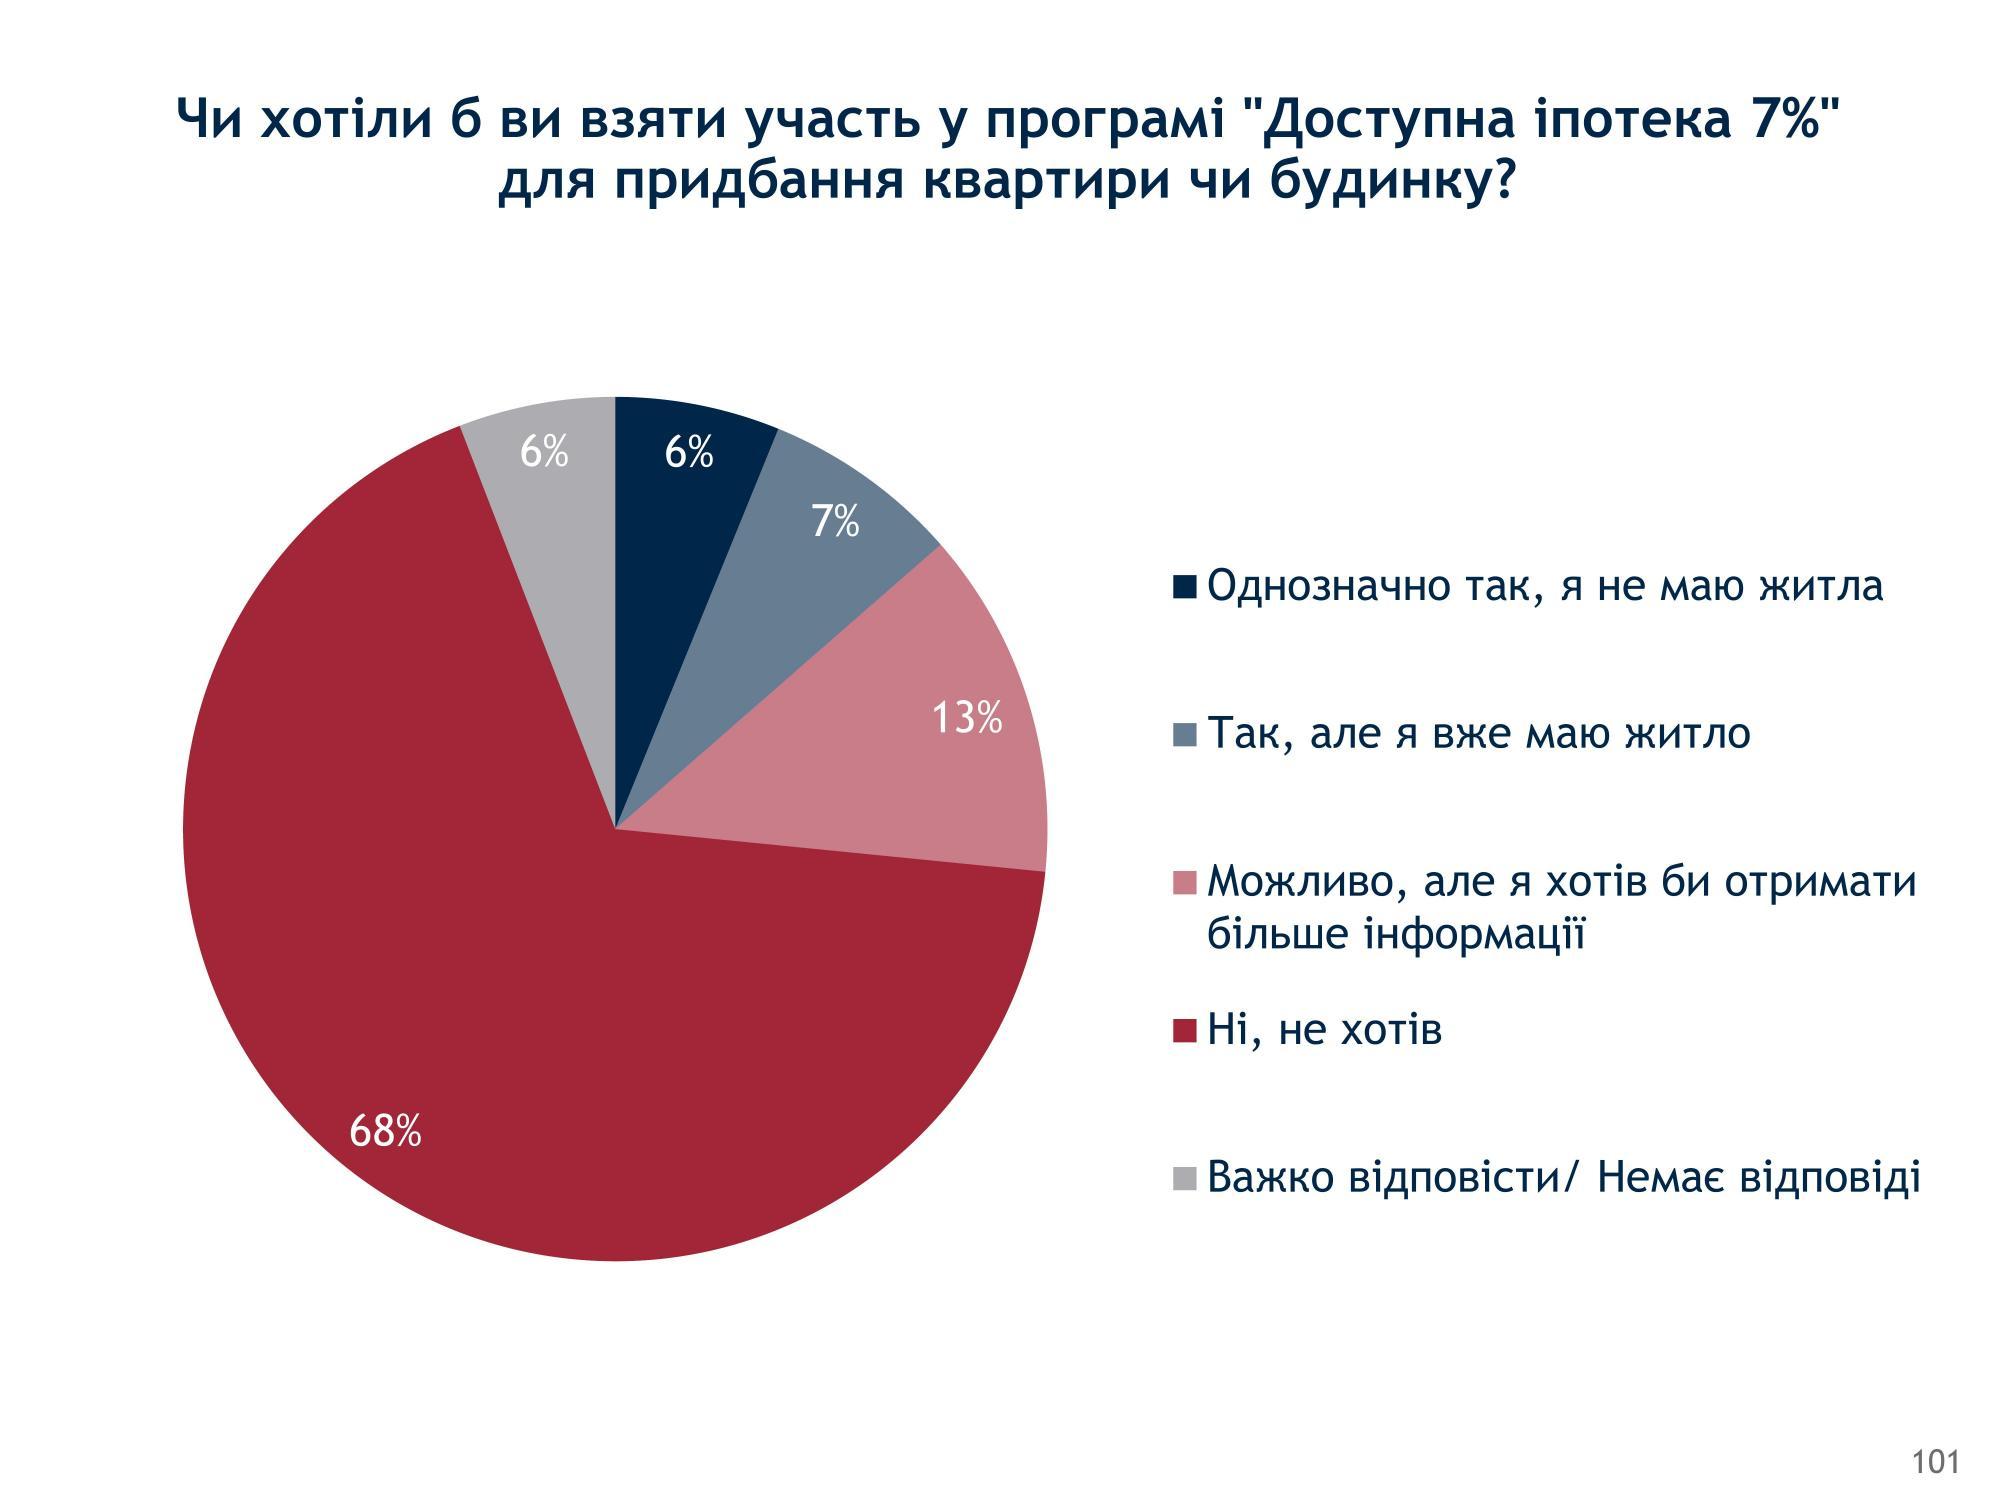 Программа доступной ипотеки: сколько украинцев готовы взять кредит на жилье под 7%